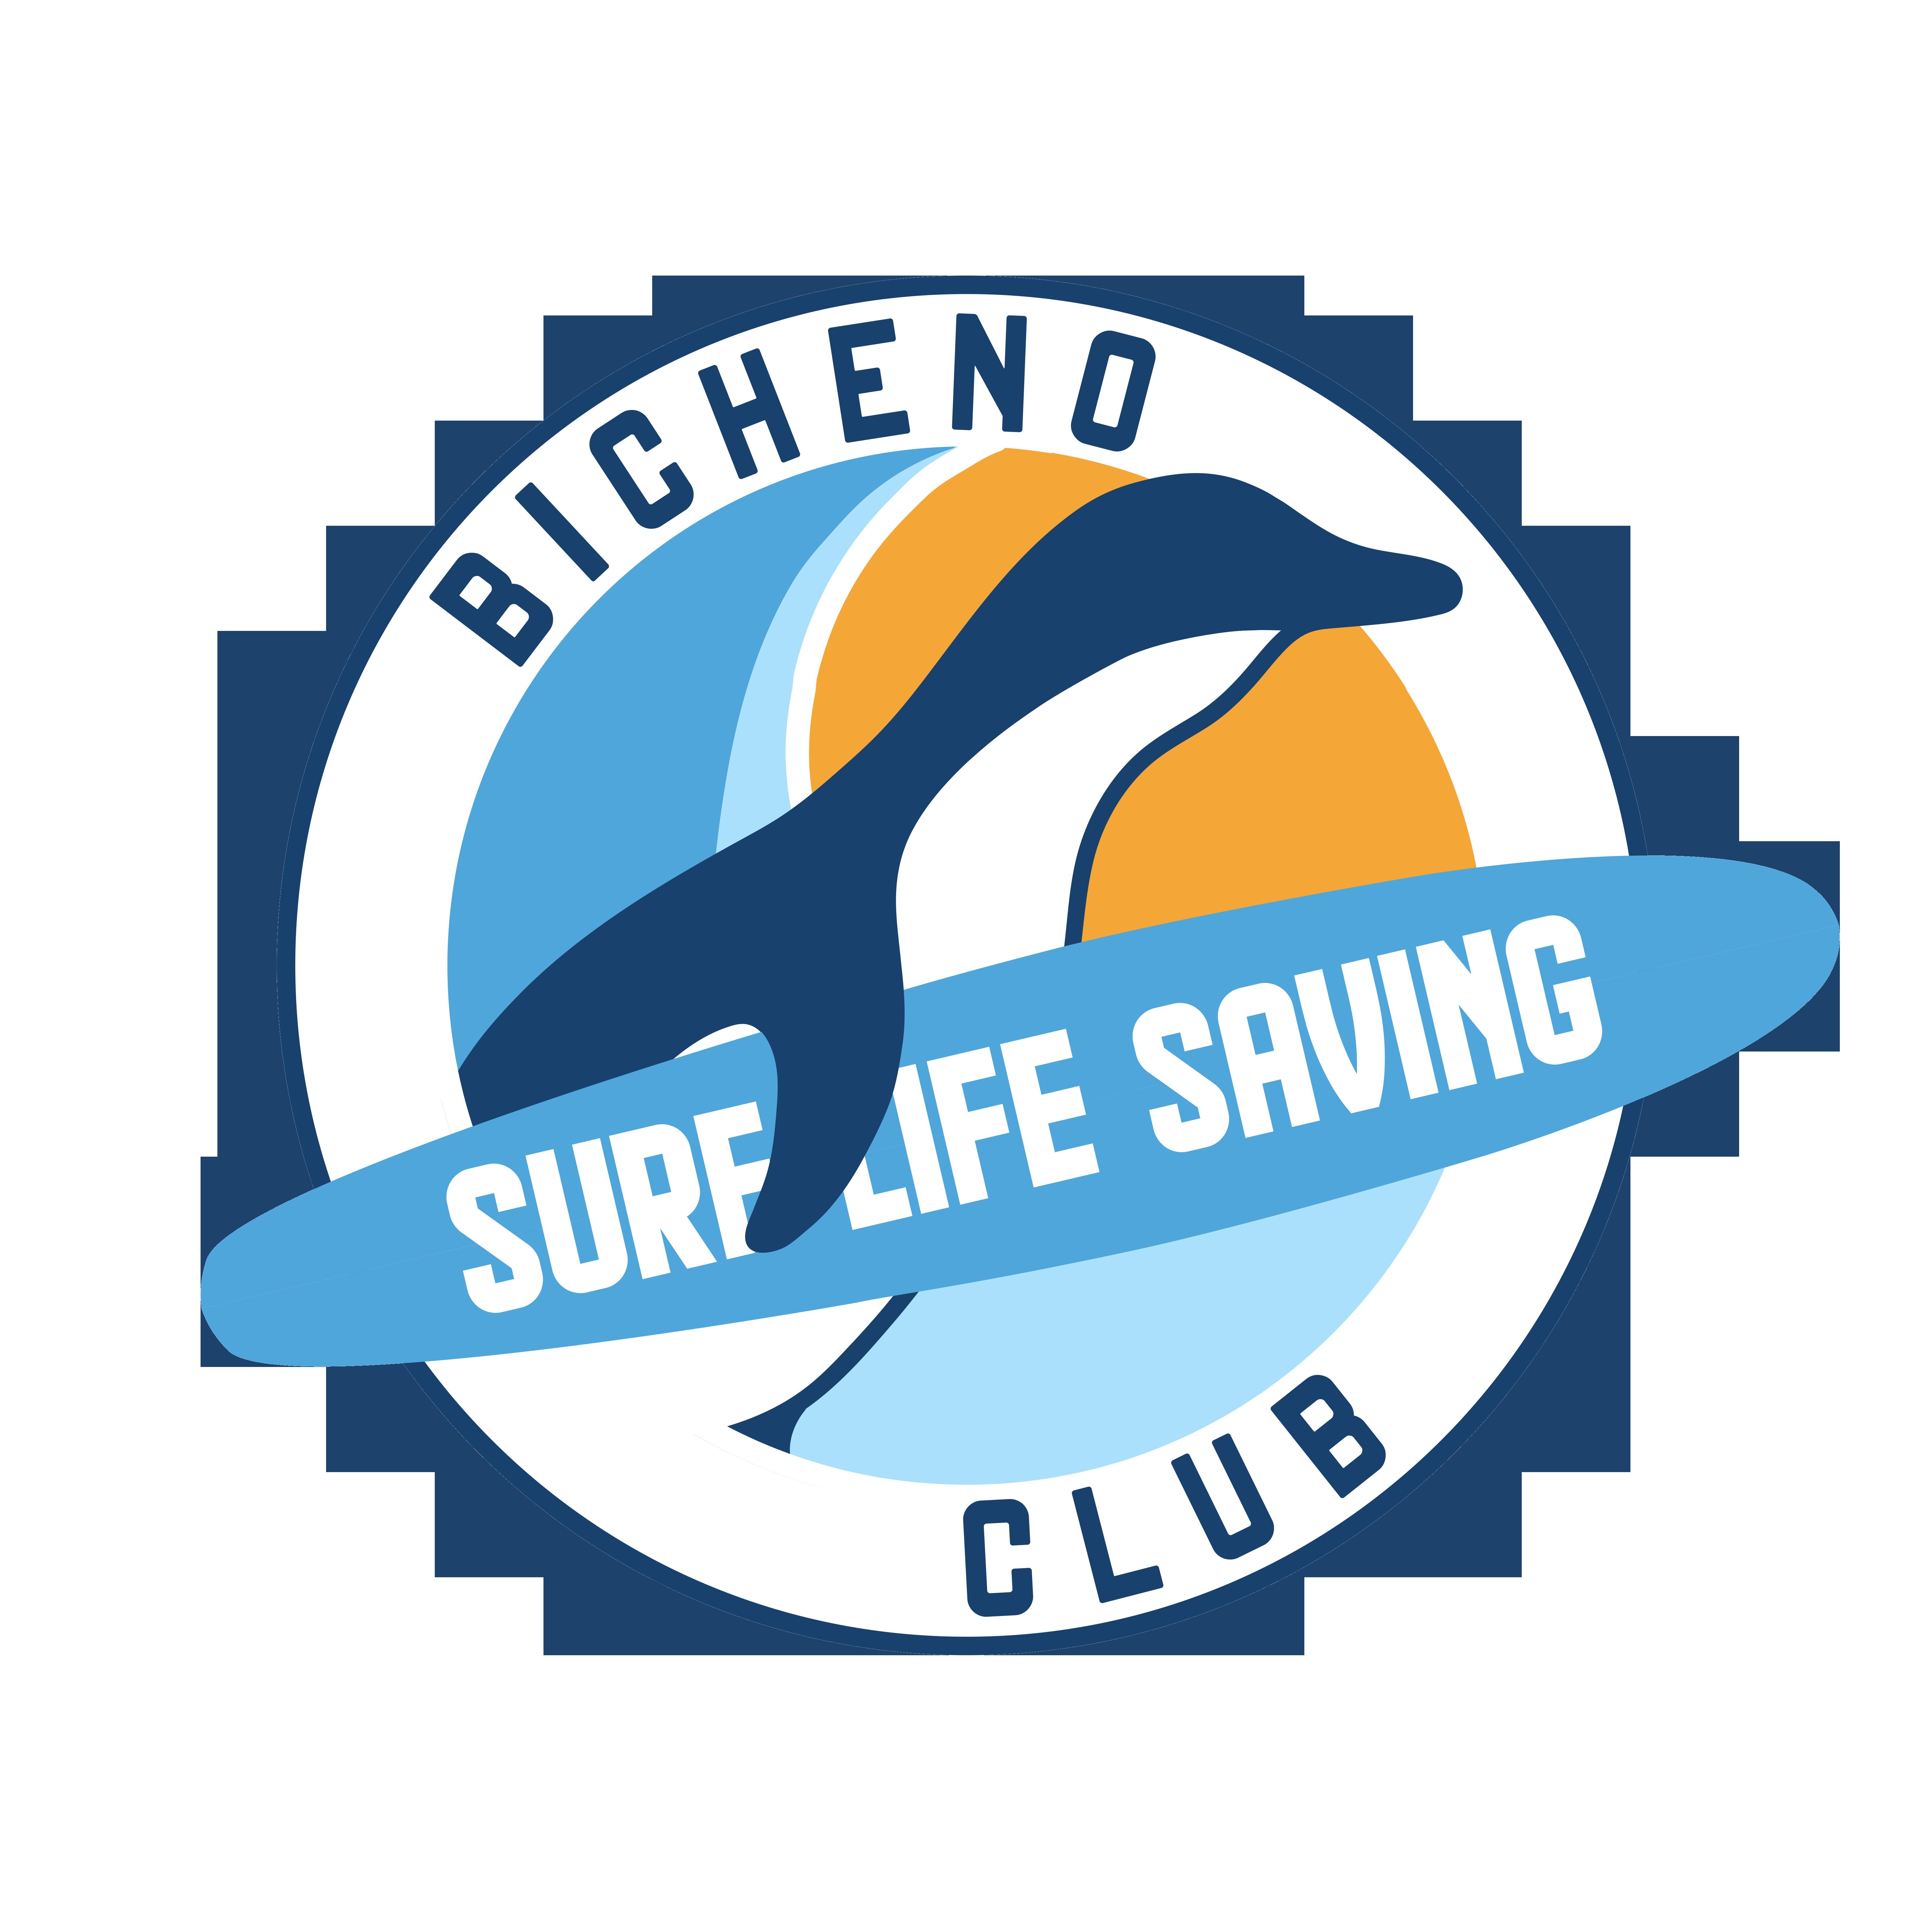 Bicheno SLSC